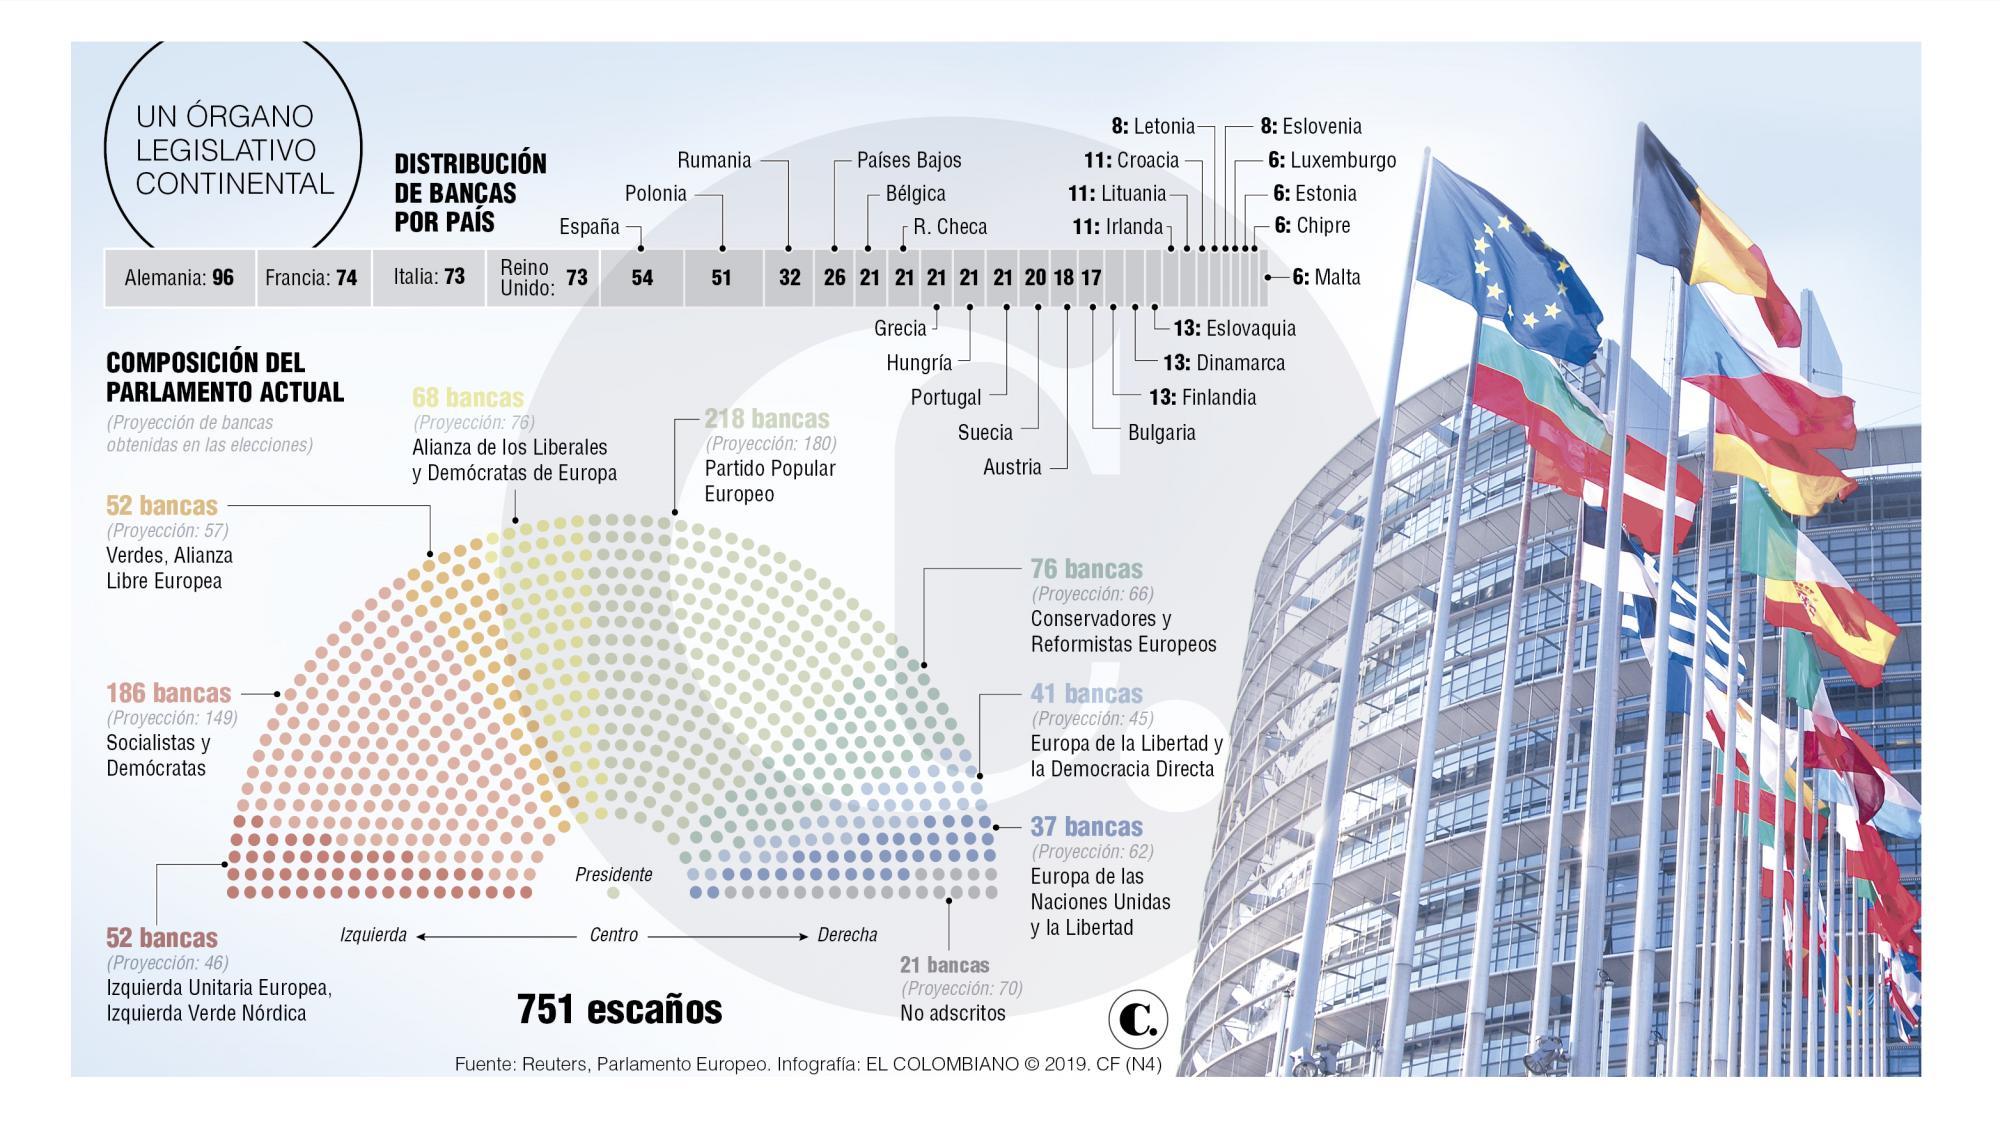 Elecciones del Parlamento miden desgaste de Europa